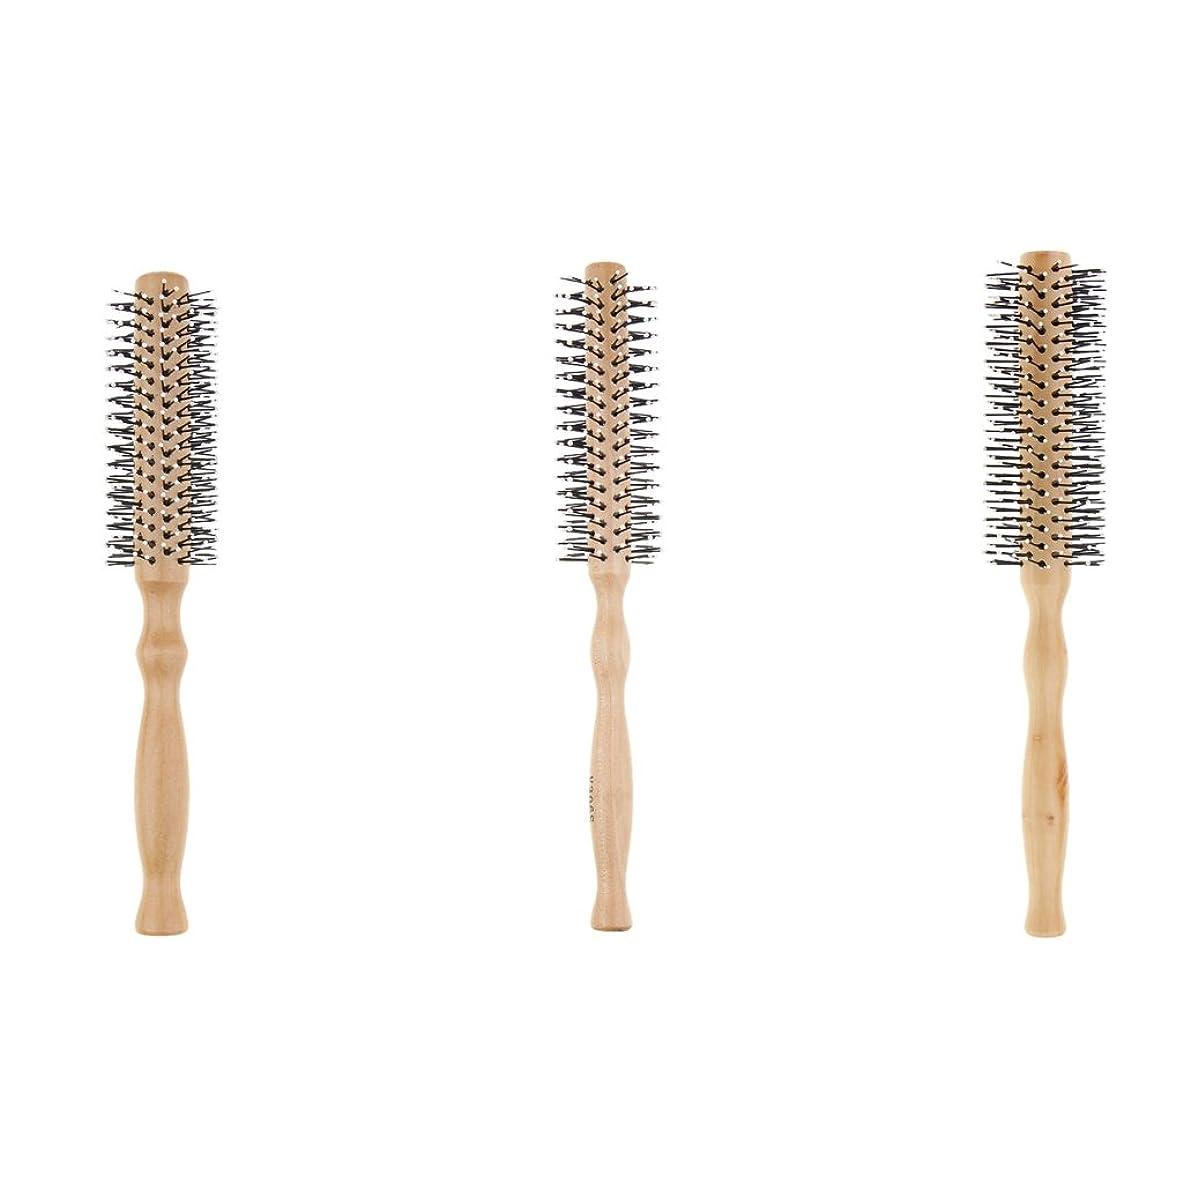 ストラップ夏ハドルP Prettyia 3本 ヘアブラシ ロールブラシ ヘアスタイリング 巻き髪 木製 波状 カール